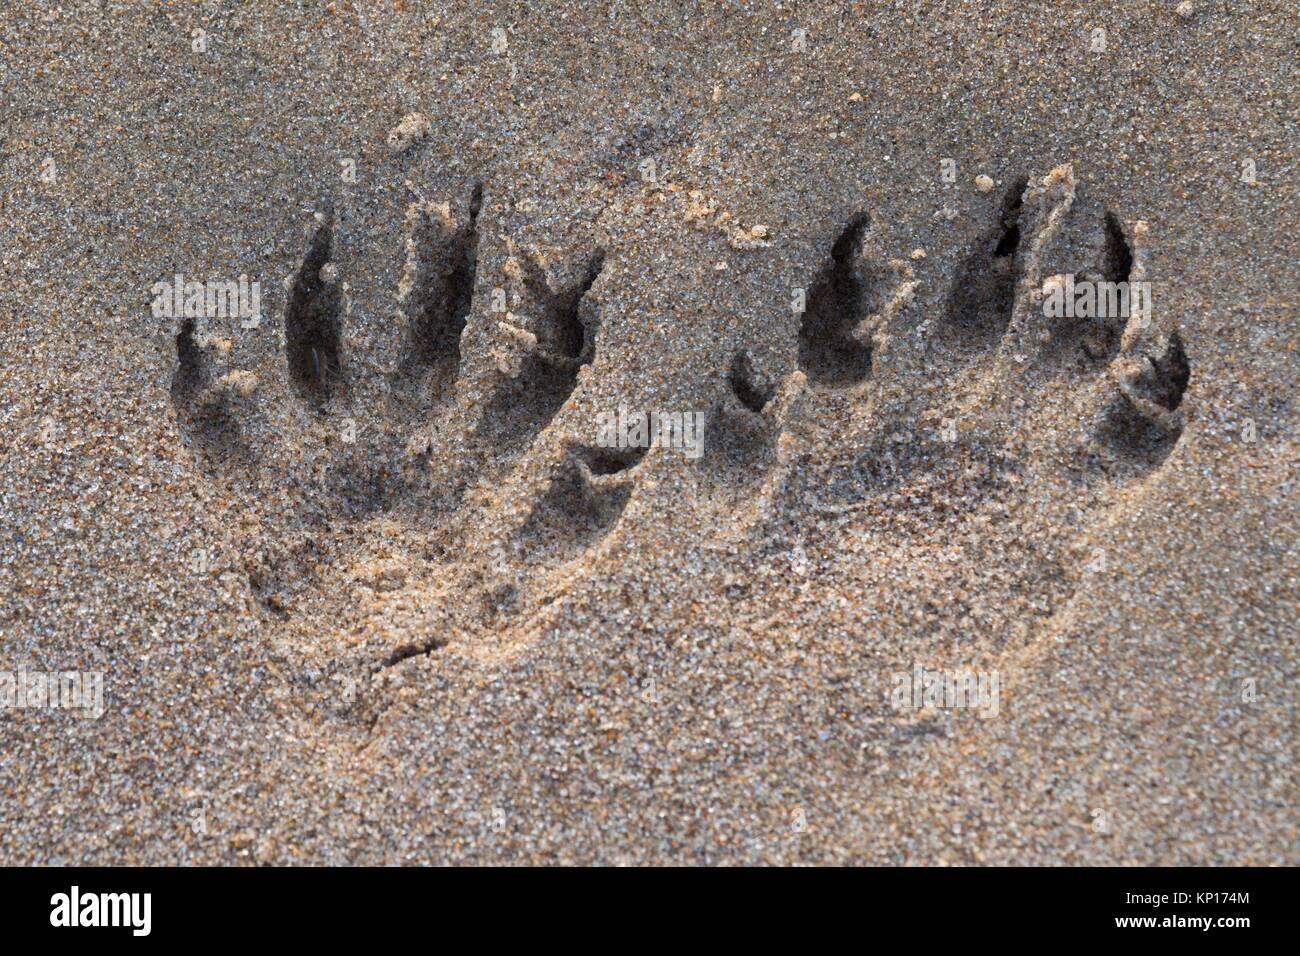 Animal Prints entlang Siuslaw Bay, Florence, Oregon. Stockbild